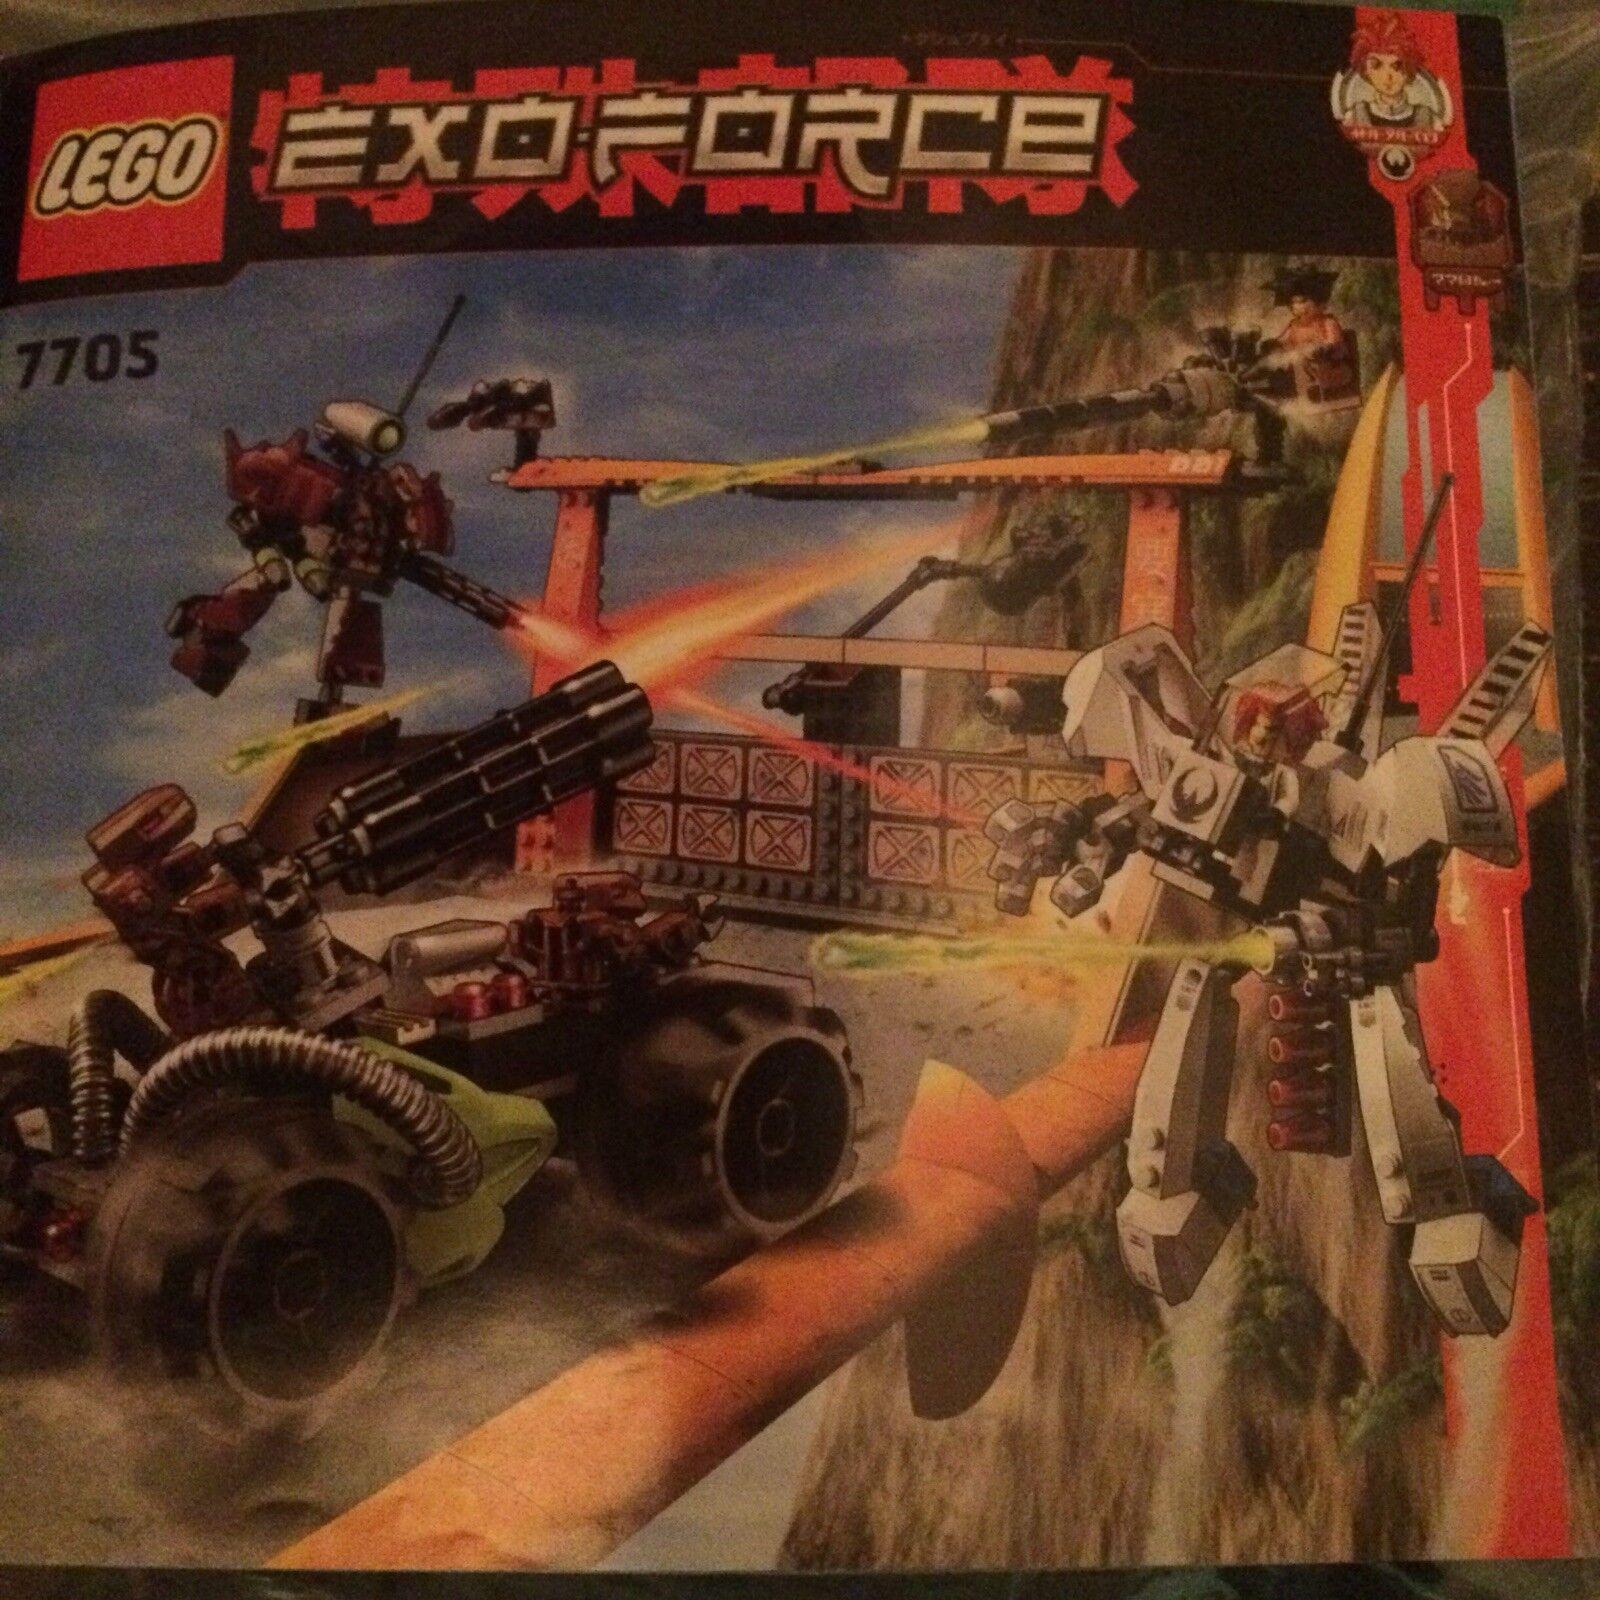 Exoforce LEGO Set 7705 [Retired]